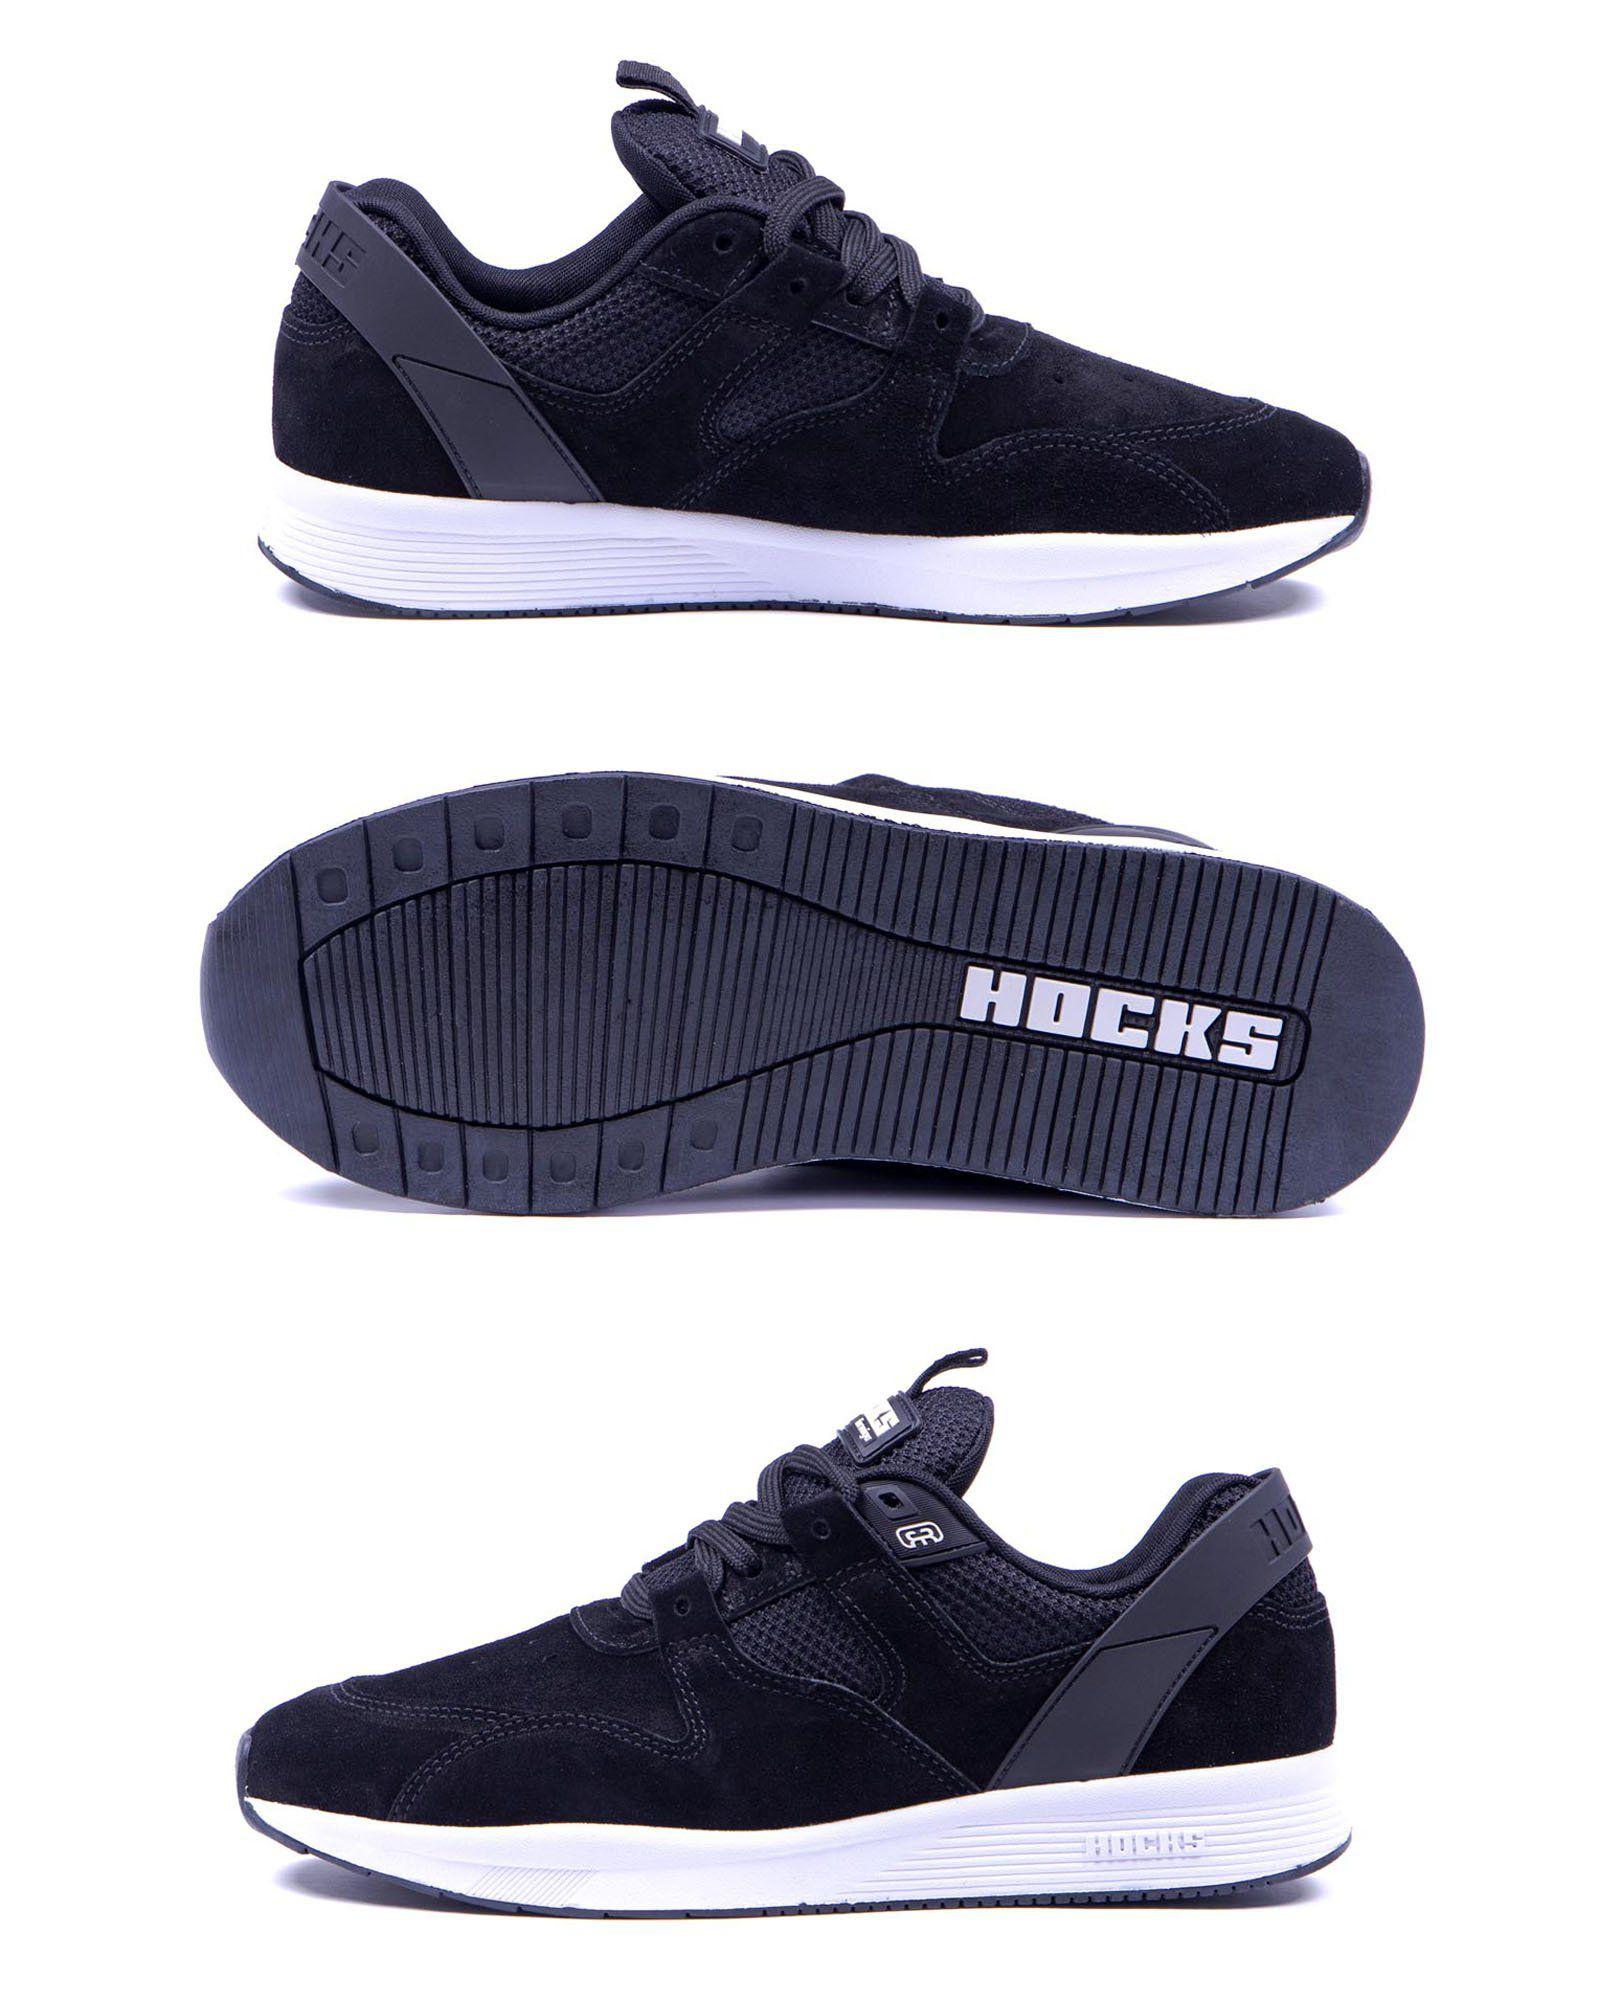 Tênis Hocks 2002 Preto